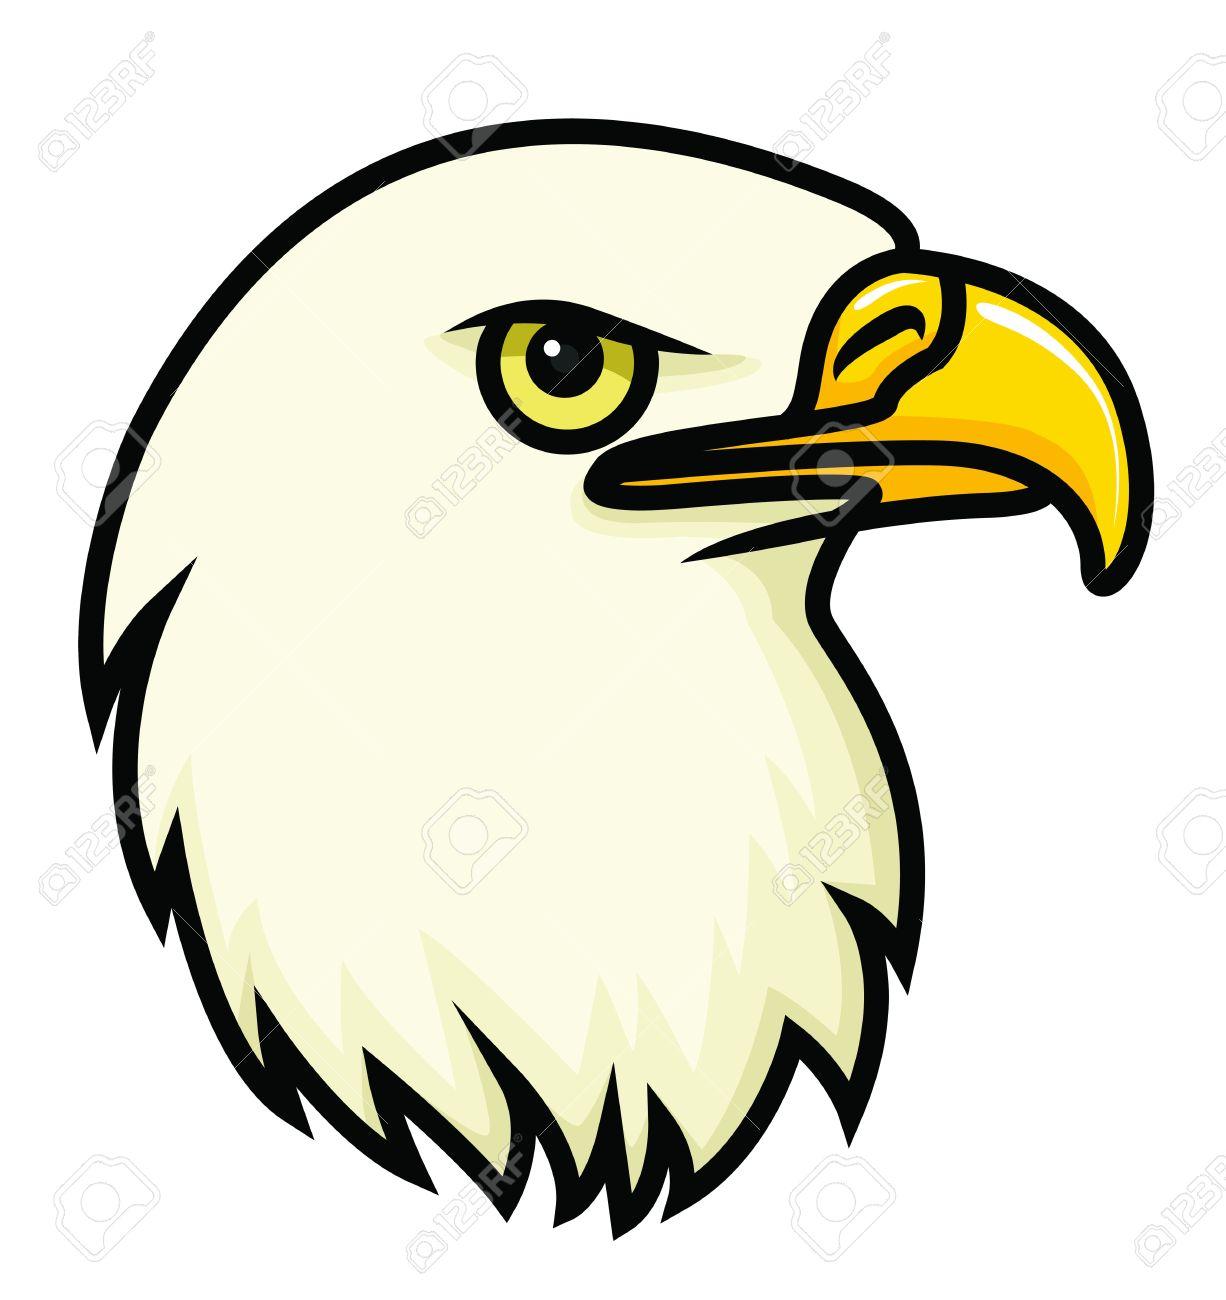 Banque dimages un dessin vectoriel de dessin animé le visage de un aigle chauve